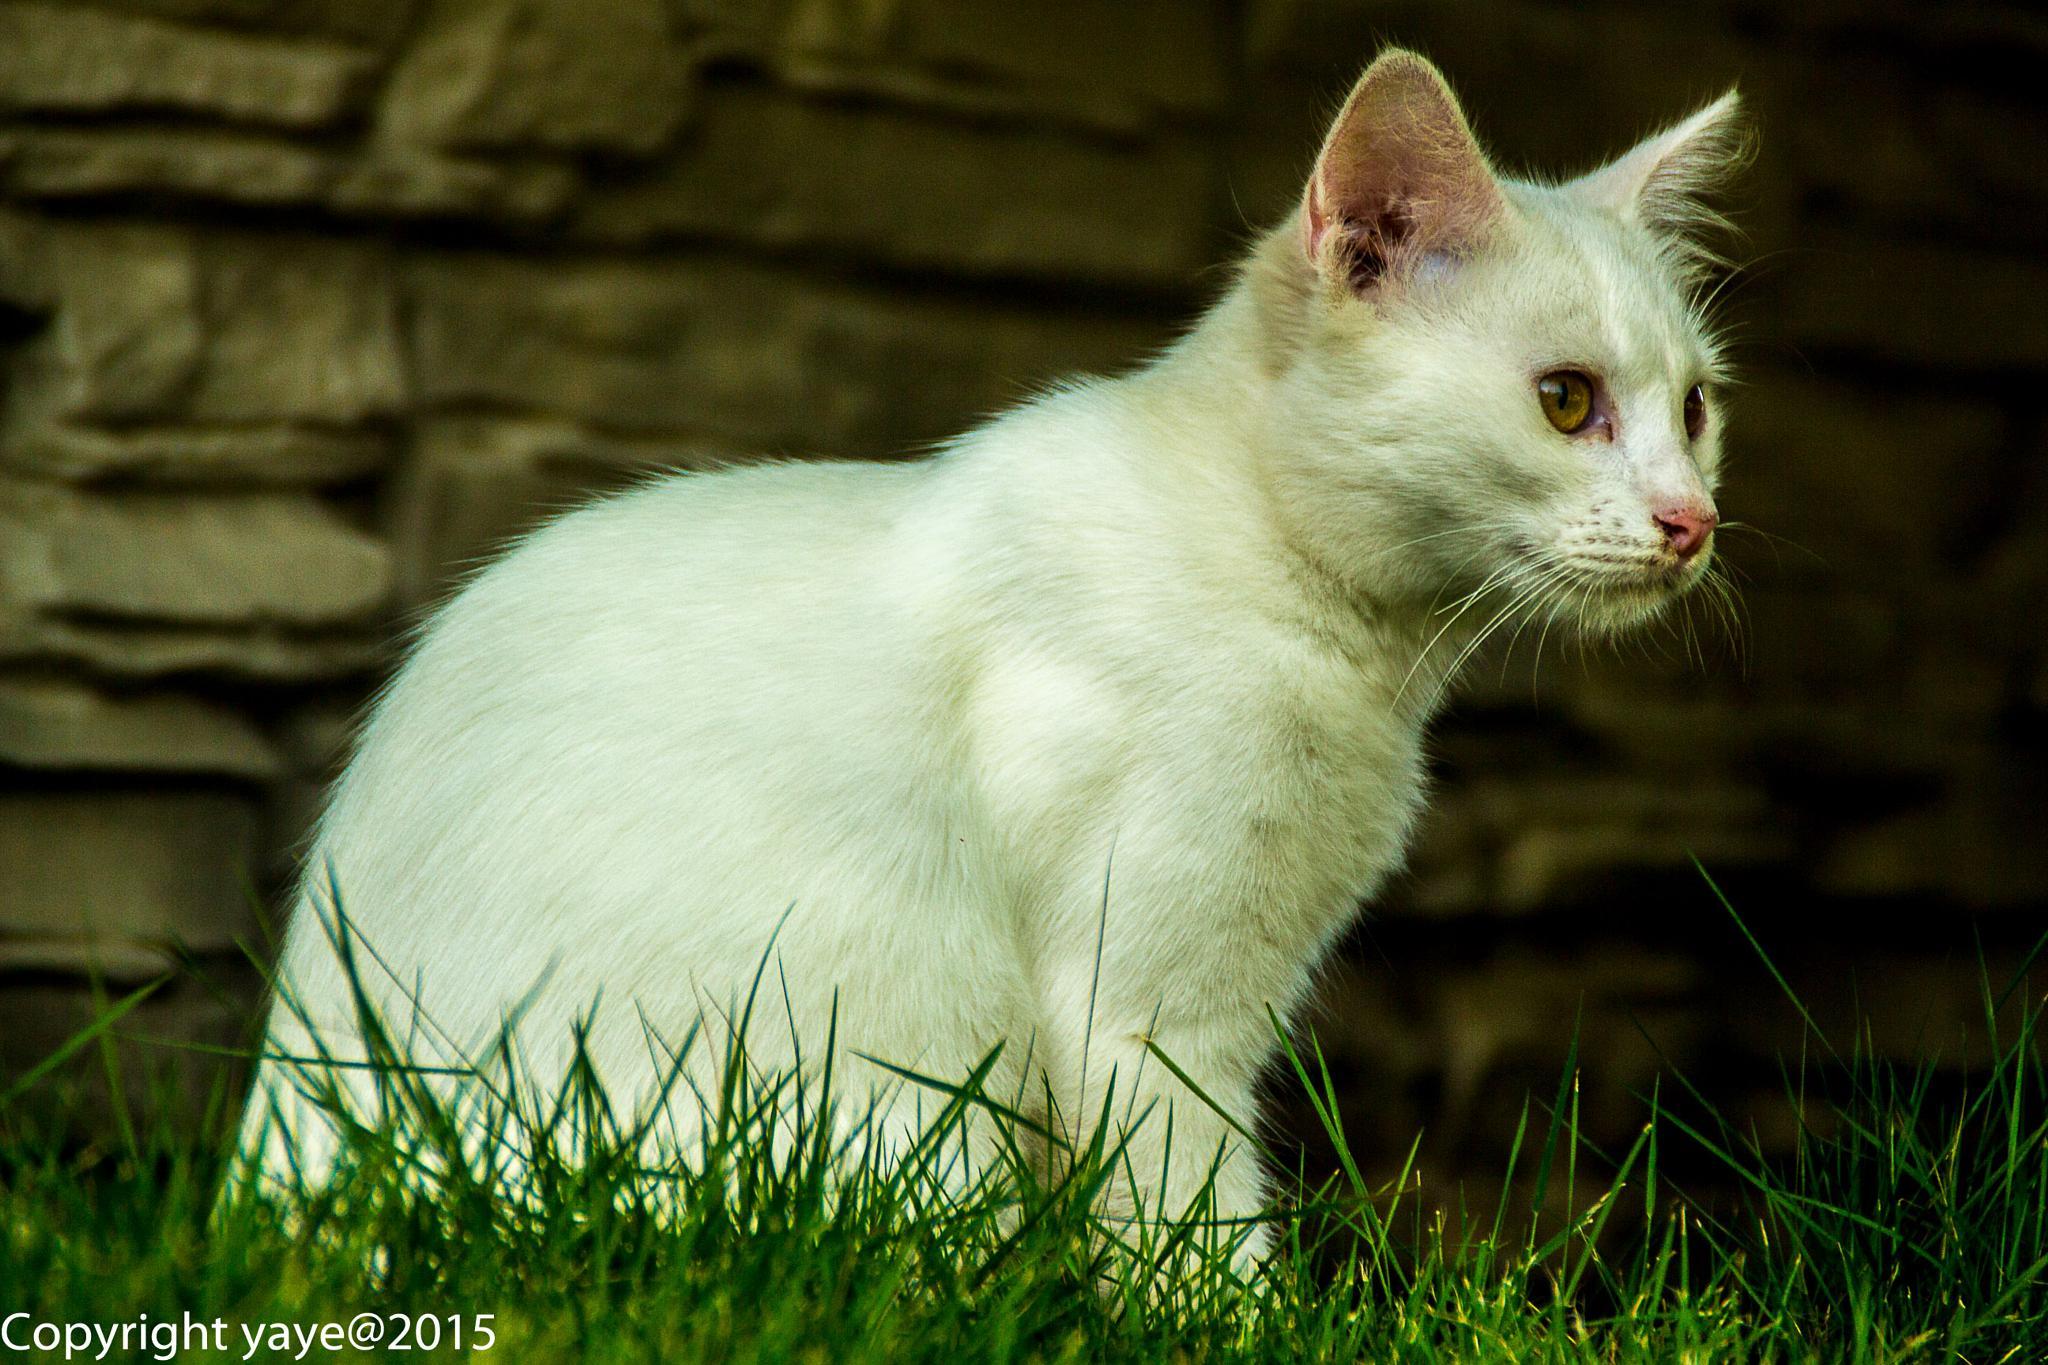 Putih by yaye